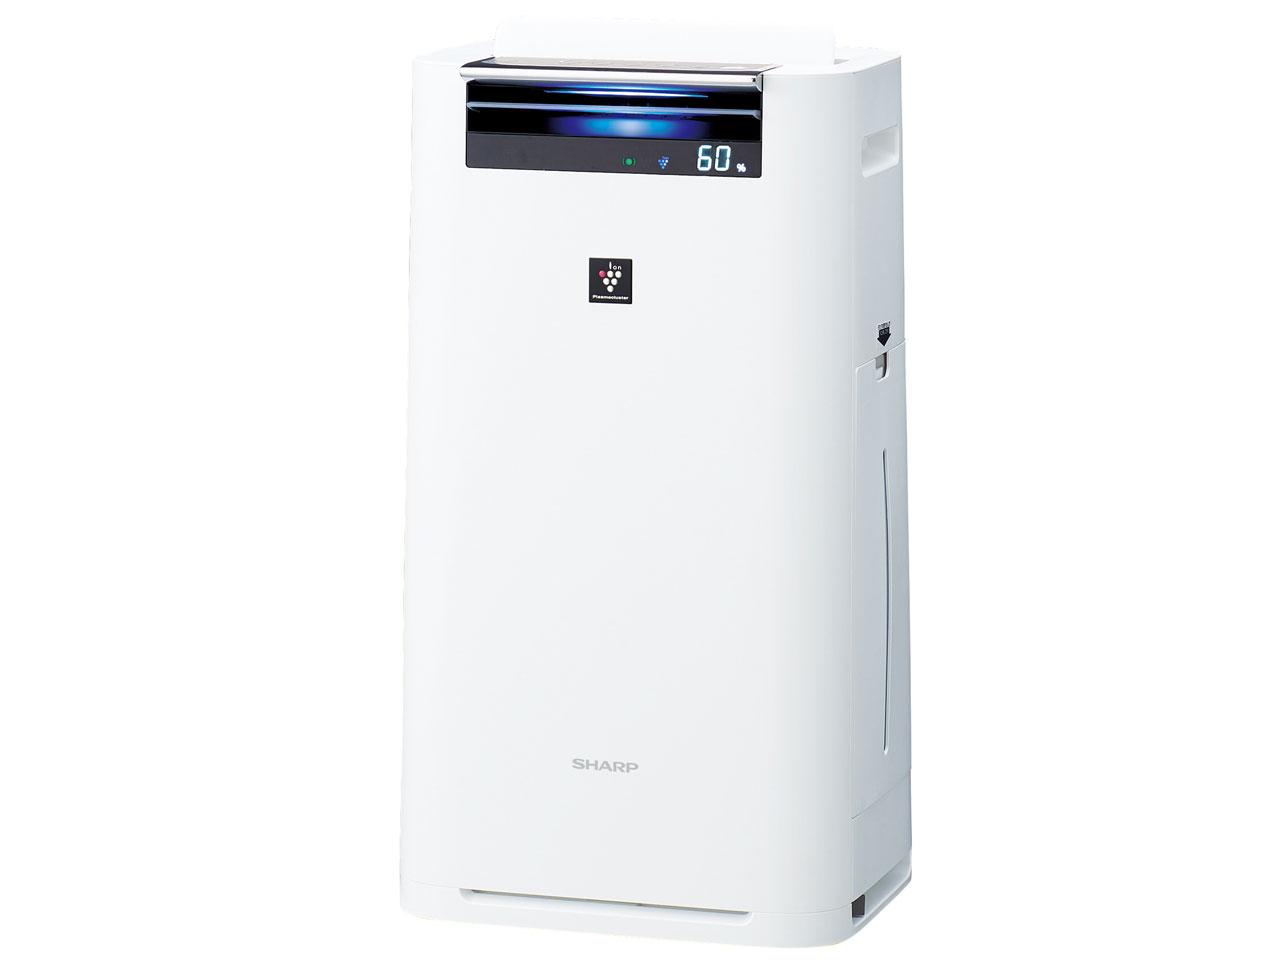 [送料無料]シャープ 加湿空気清浄機 KI-GS50-W プラズマクラスター25000 (沖縄・離島・一部地域は別途送料)